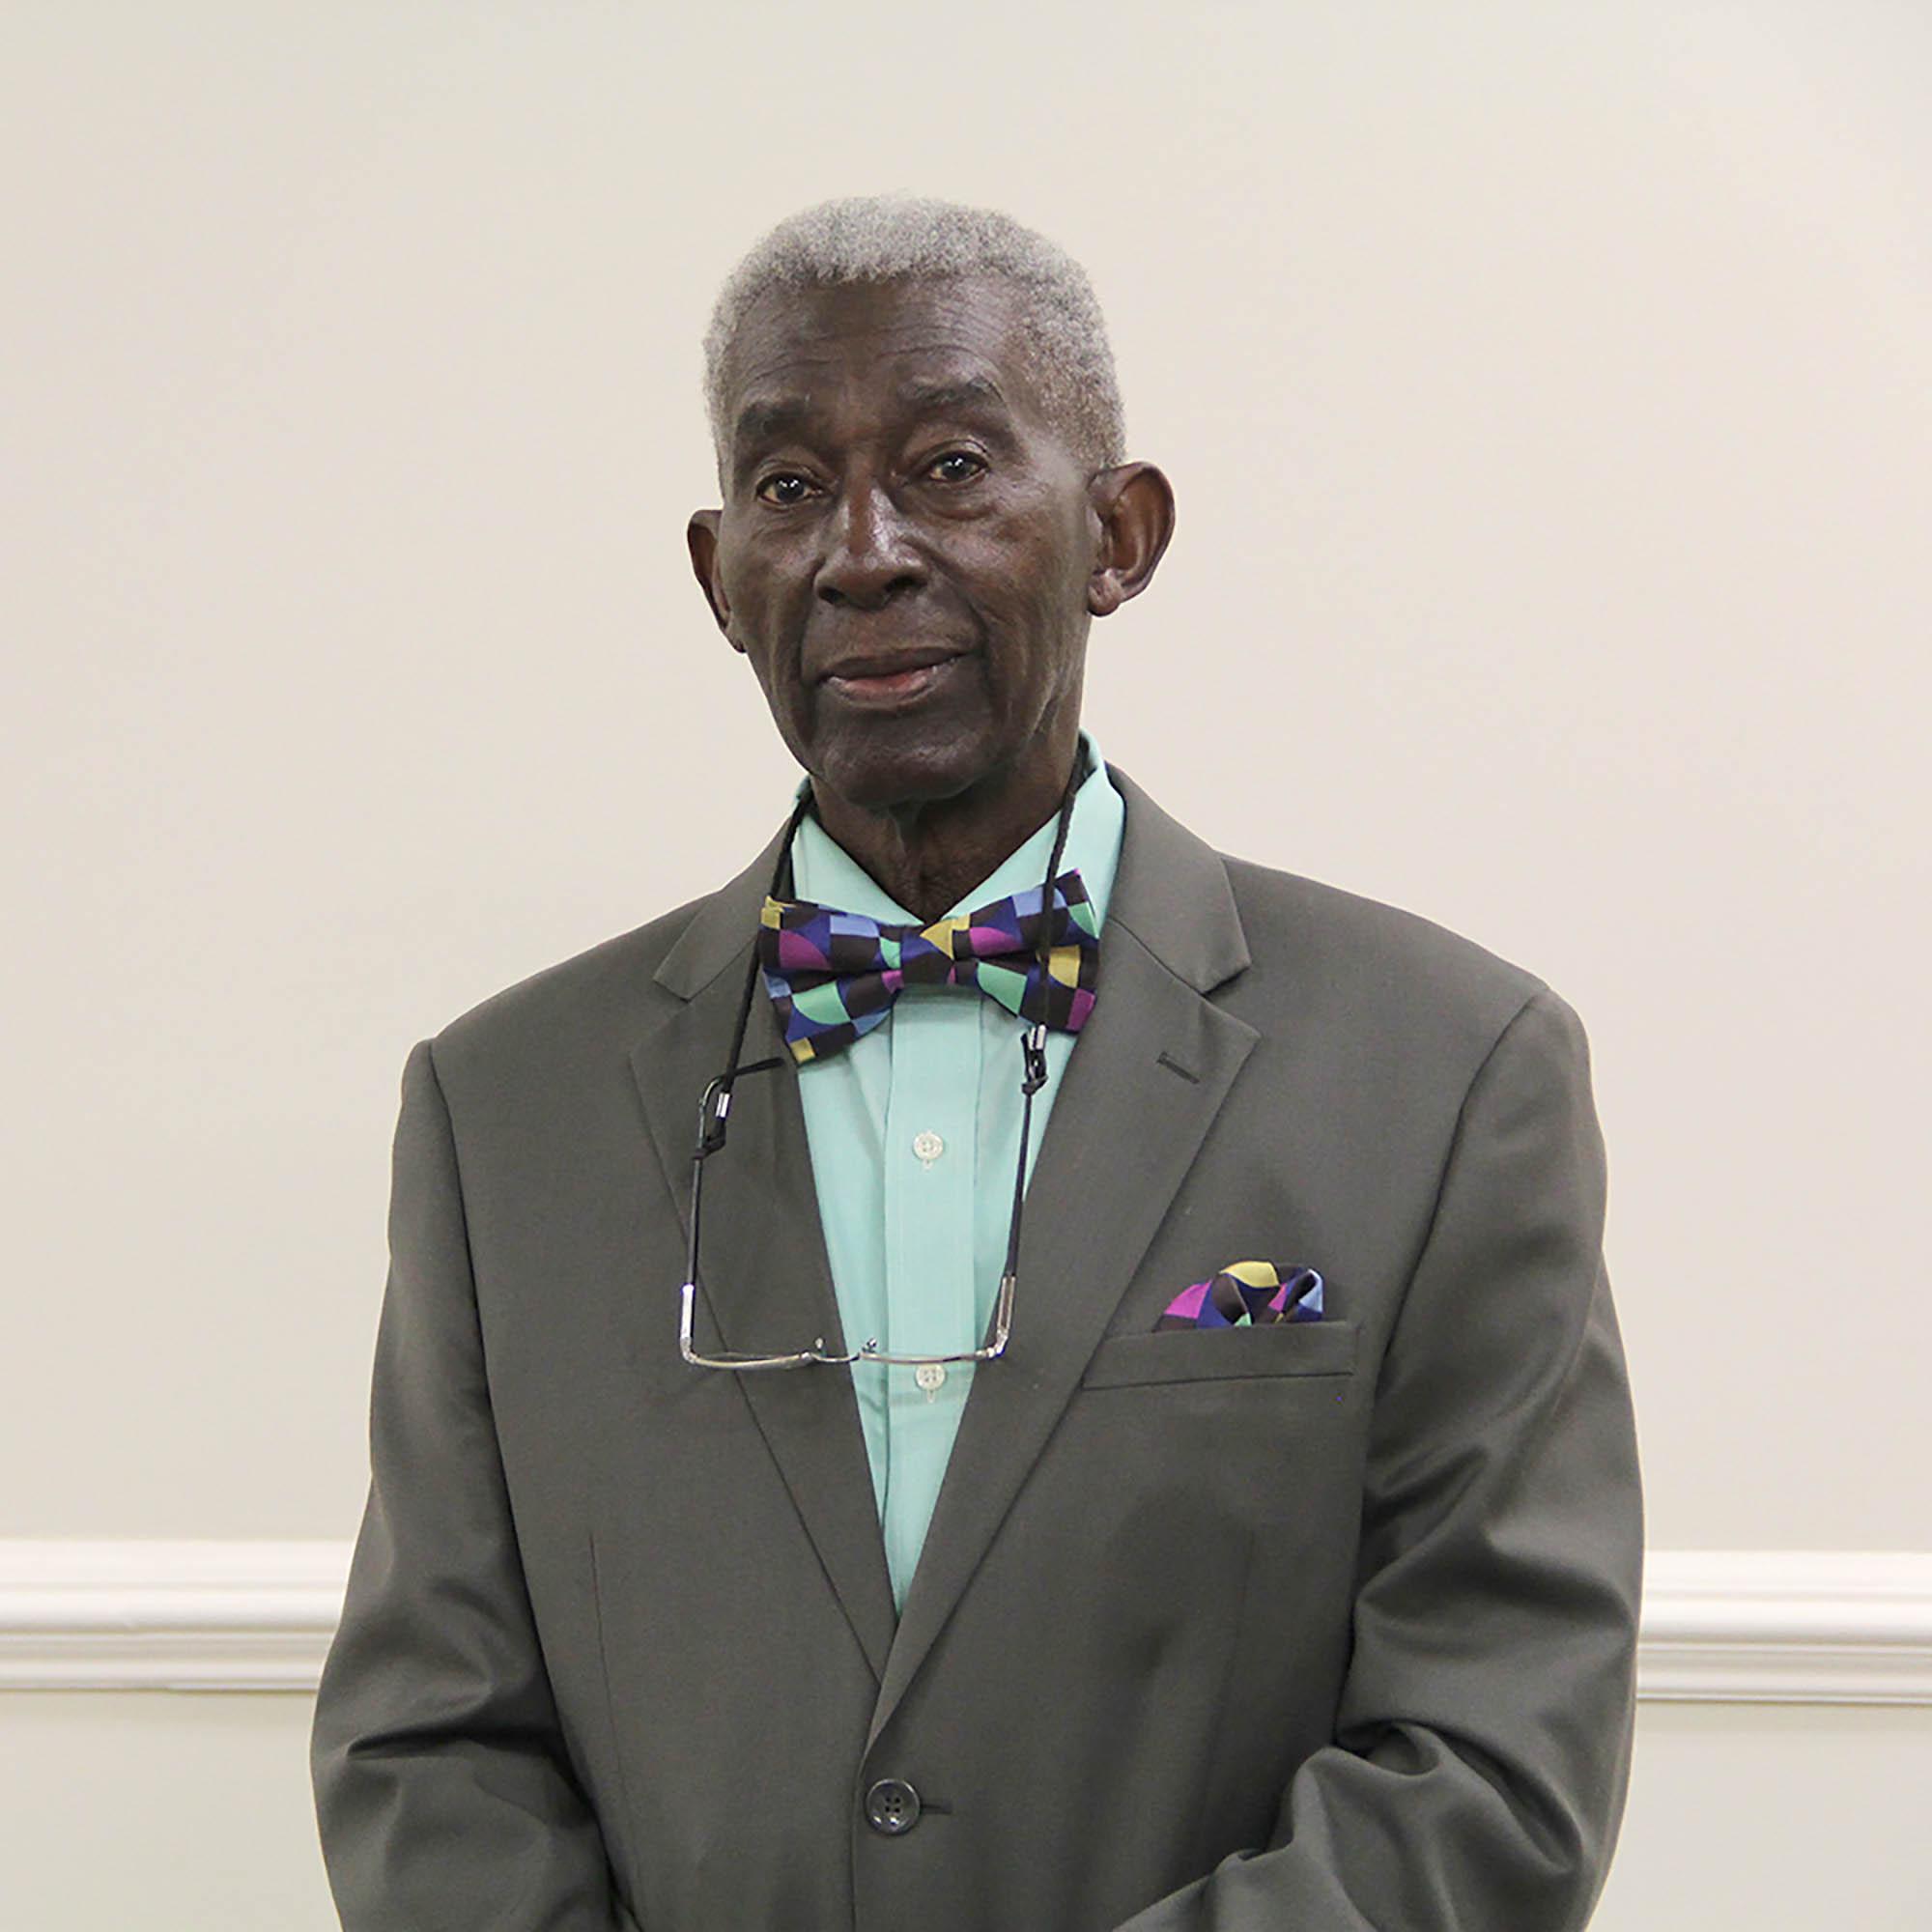 Dea. Theodore White, Chair Deacon Board